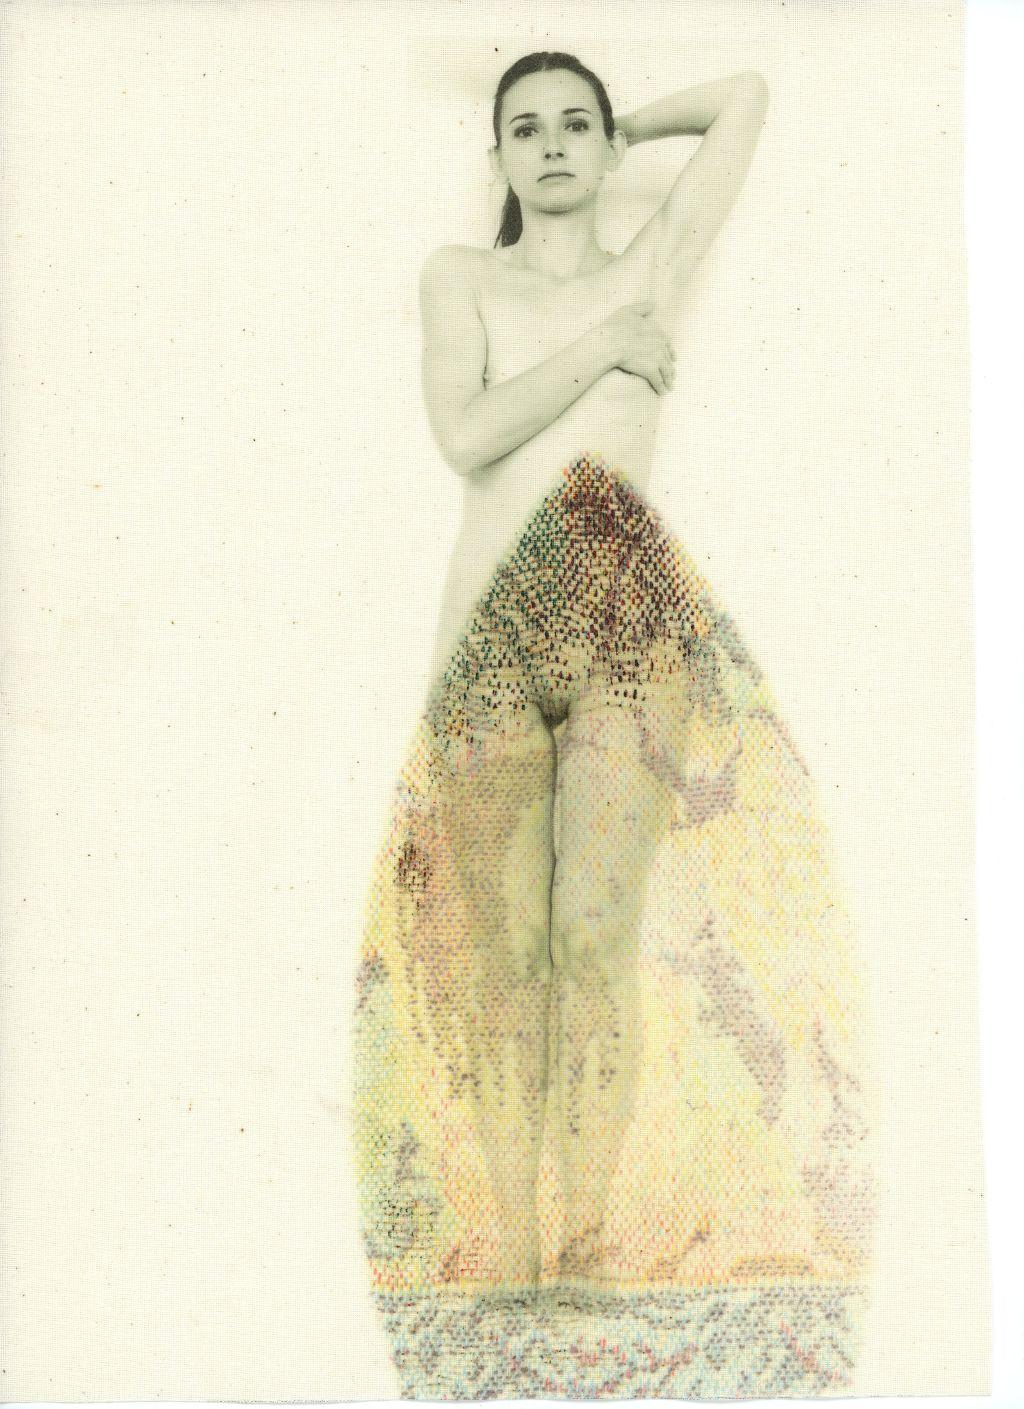 Wedding Dress, druk na bawełnie, ślad żelazka, 2014/16